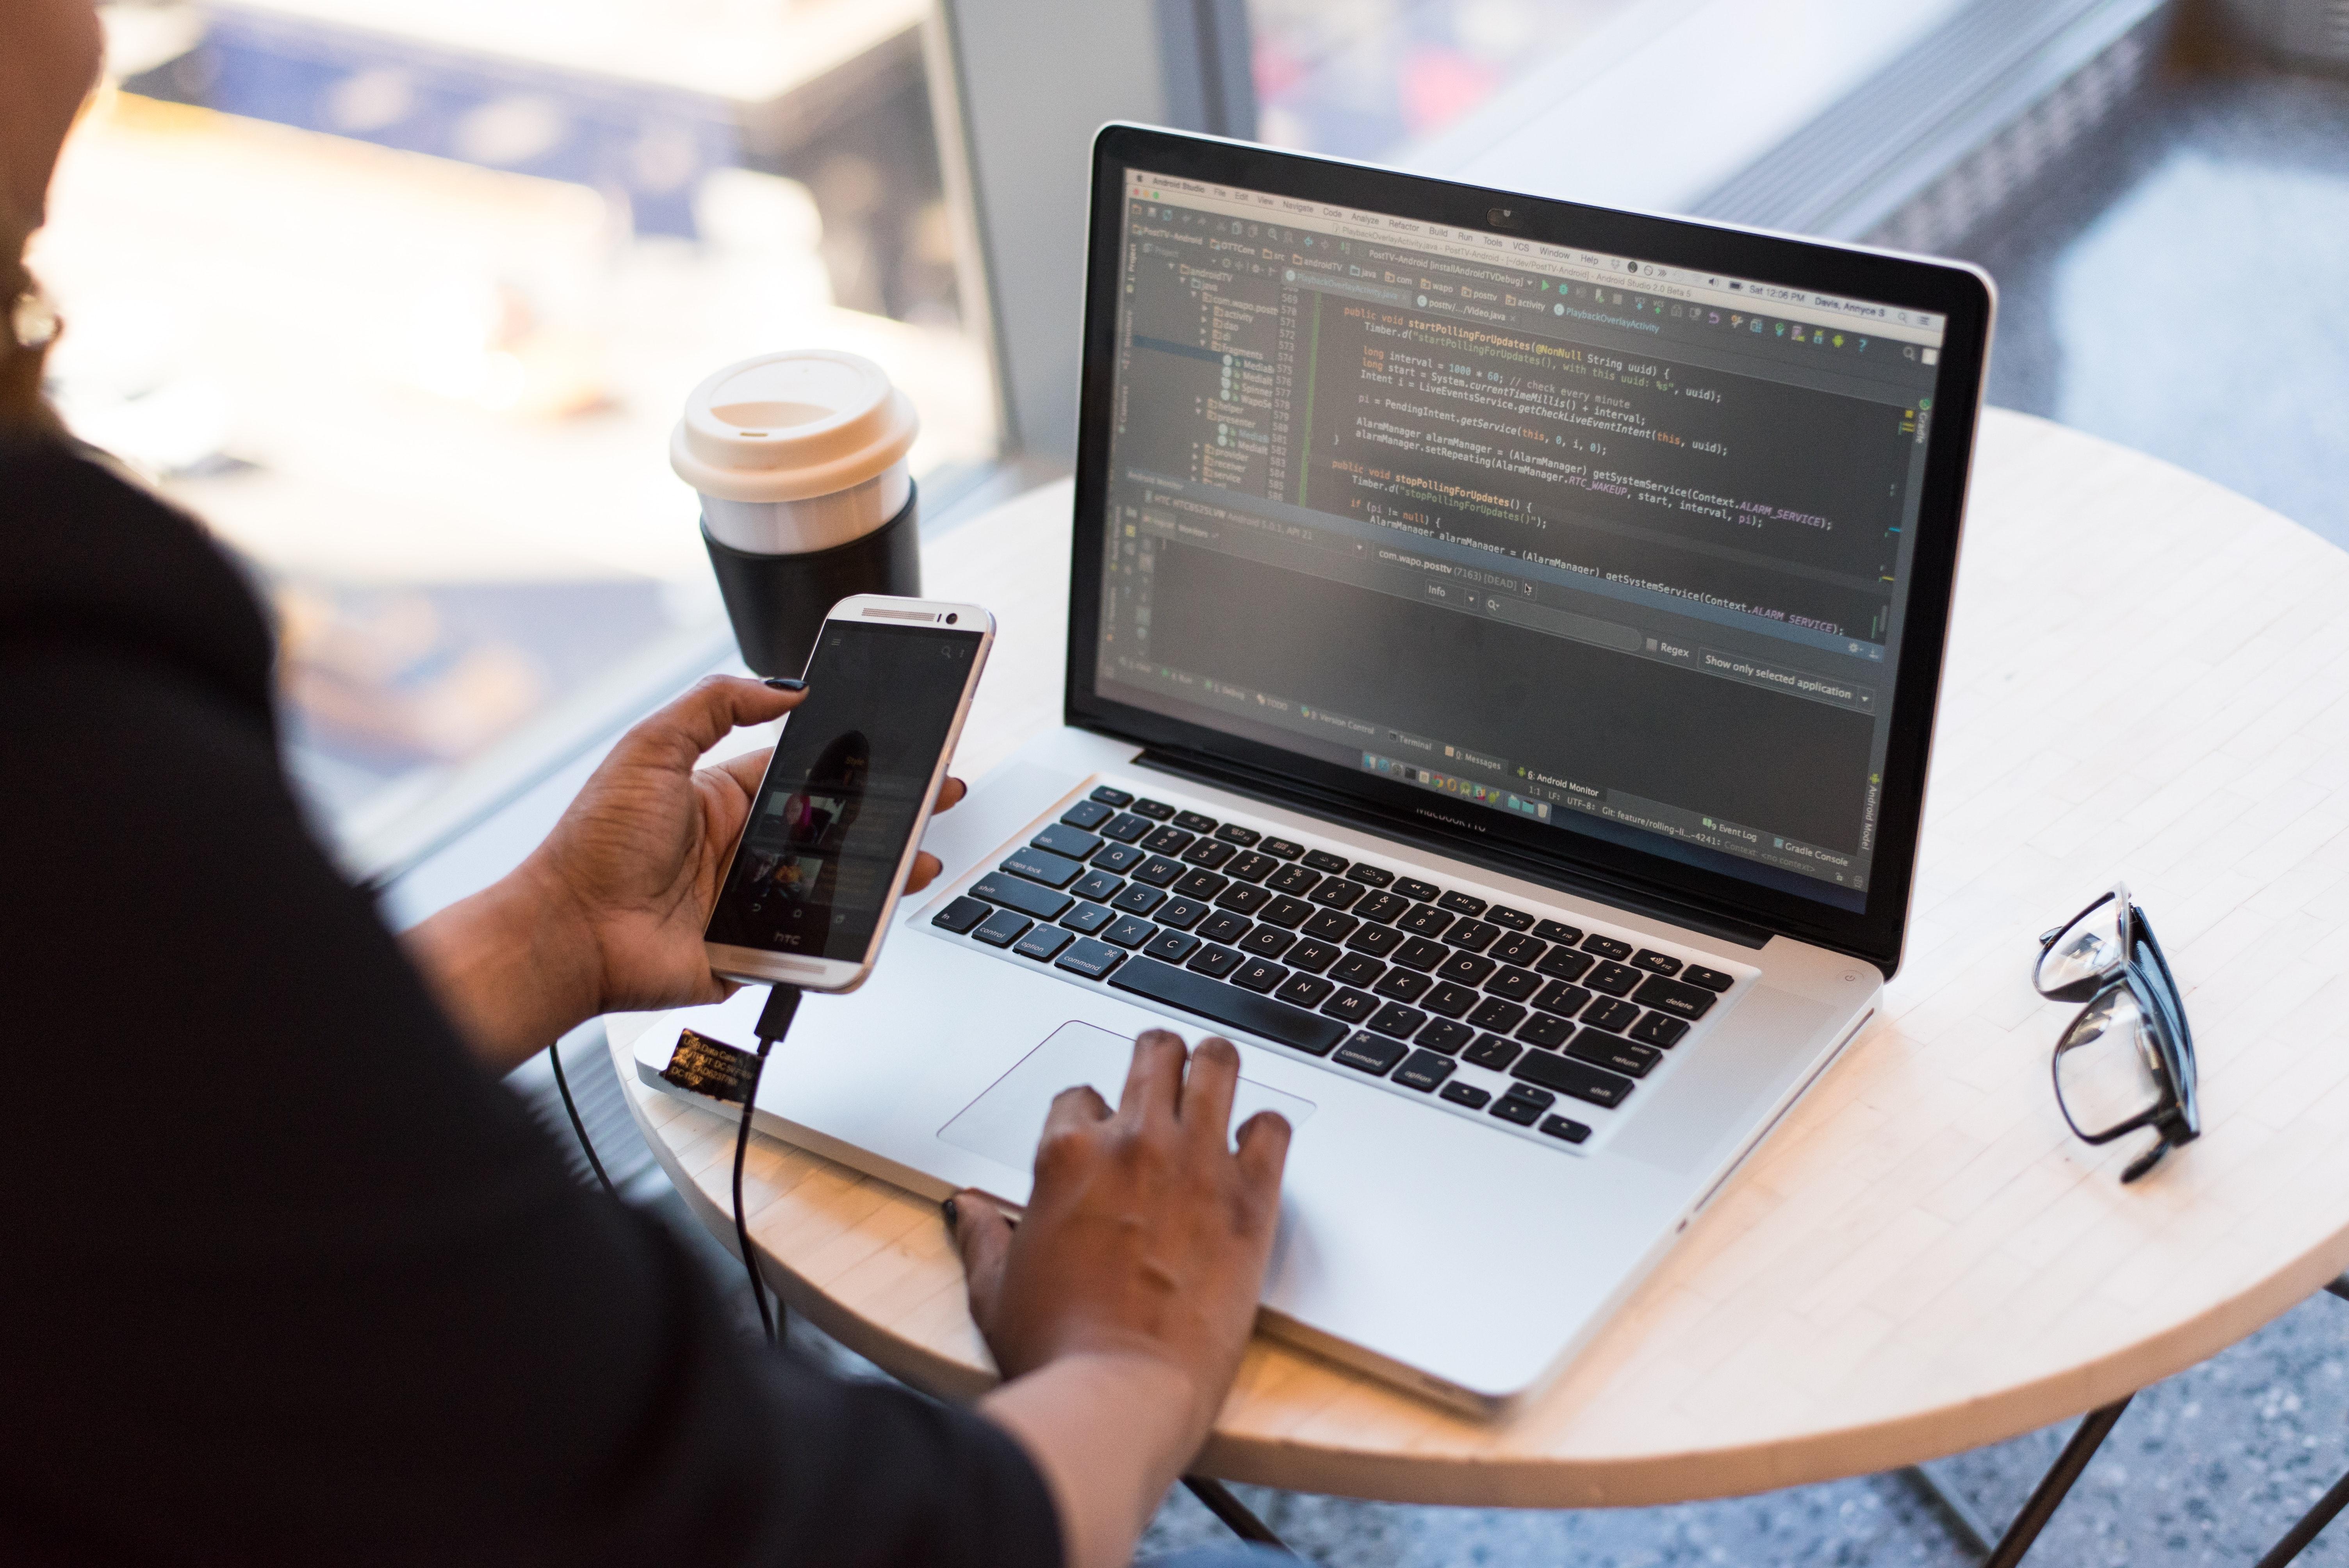 מה ההבדל בין פיתוח אפליקציה לאנדרואיד / אייפון